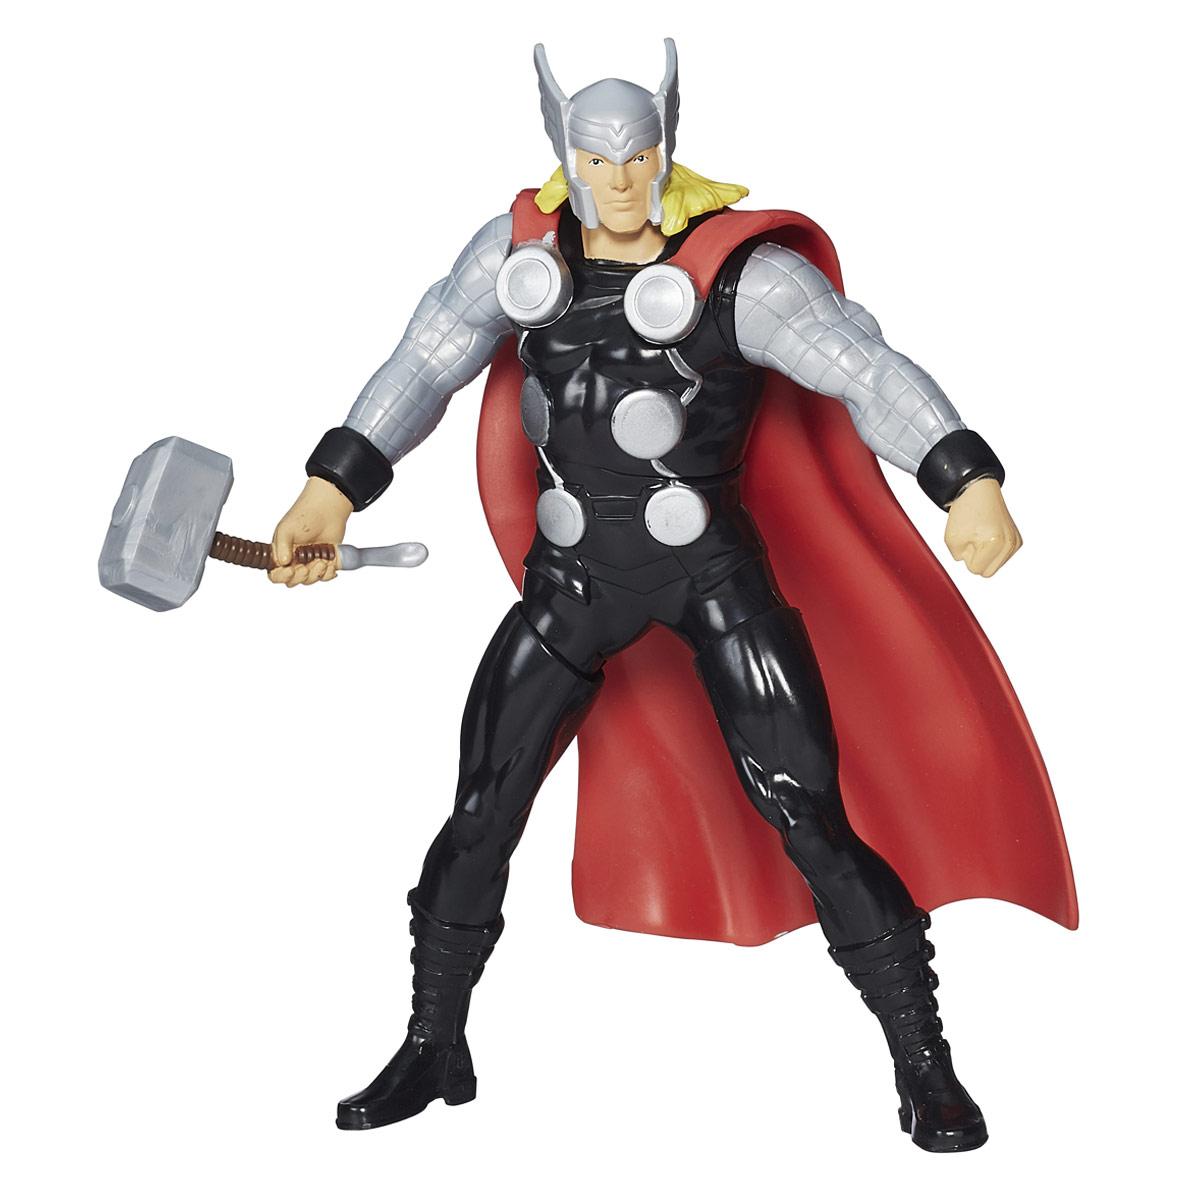 Боевая фигурка Avengers Thor, 16,5 смB1202_B1811Боевая фигурка Avengers Thor порадует любого маленького поклонника знаменитой серии Мстители (Avengers). Фигурка изготовлена из высококачественного прочного пластика и выполнена в виде супергероя Тора. Сведите ноги фигурки вместе, и Тор взмахнет рукой с молотом. Фигурка отличается высоким качеством исполнения и детализации. Тор - один из самых известных супергероев Вселенной Marvel, сын бога Одина. Он обладает сверхчеловеческой силой и выносливостью, а в бою полагается на свой верный молот - Мьельнир, который не может поднять никто, кроме него. Фигурка понравится как детям, так и взрослым коллекционерам, она станет отличным сувениром или займет достойное место в коллекции любого поклонника комиксов о непобедимых Мстителях.